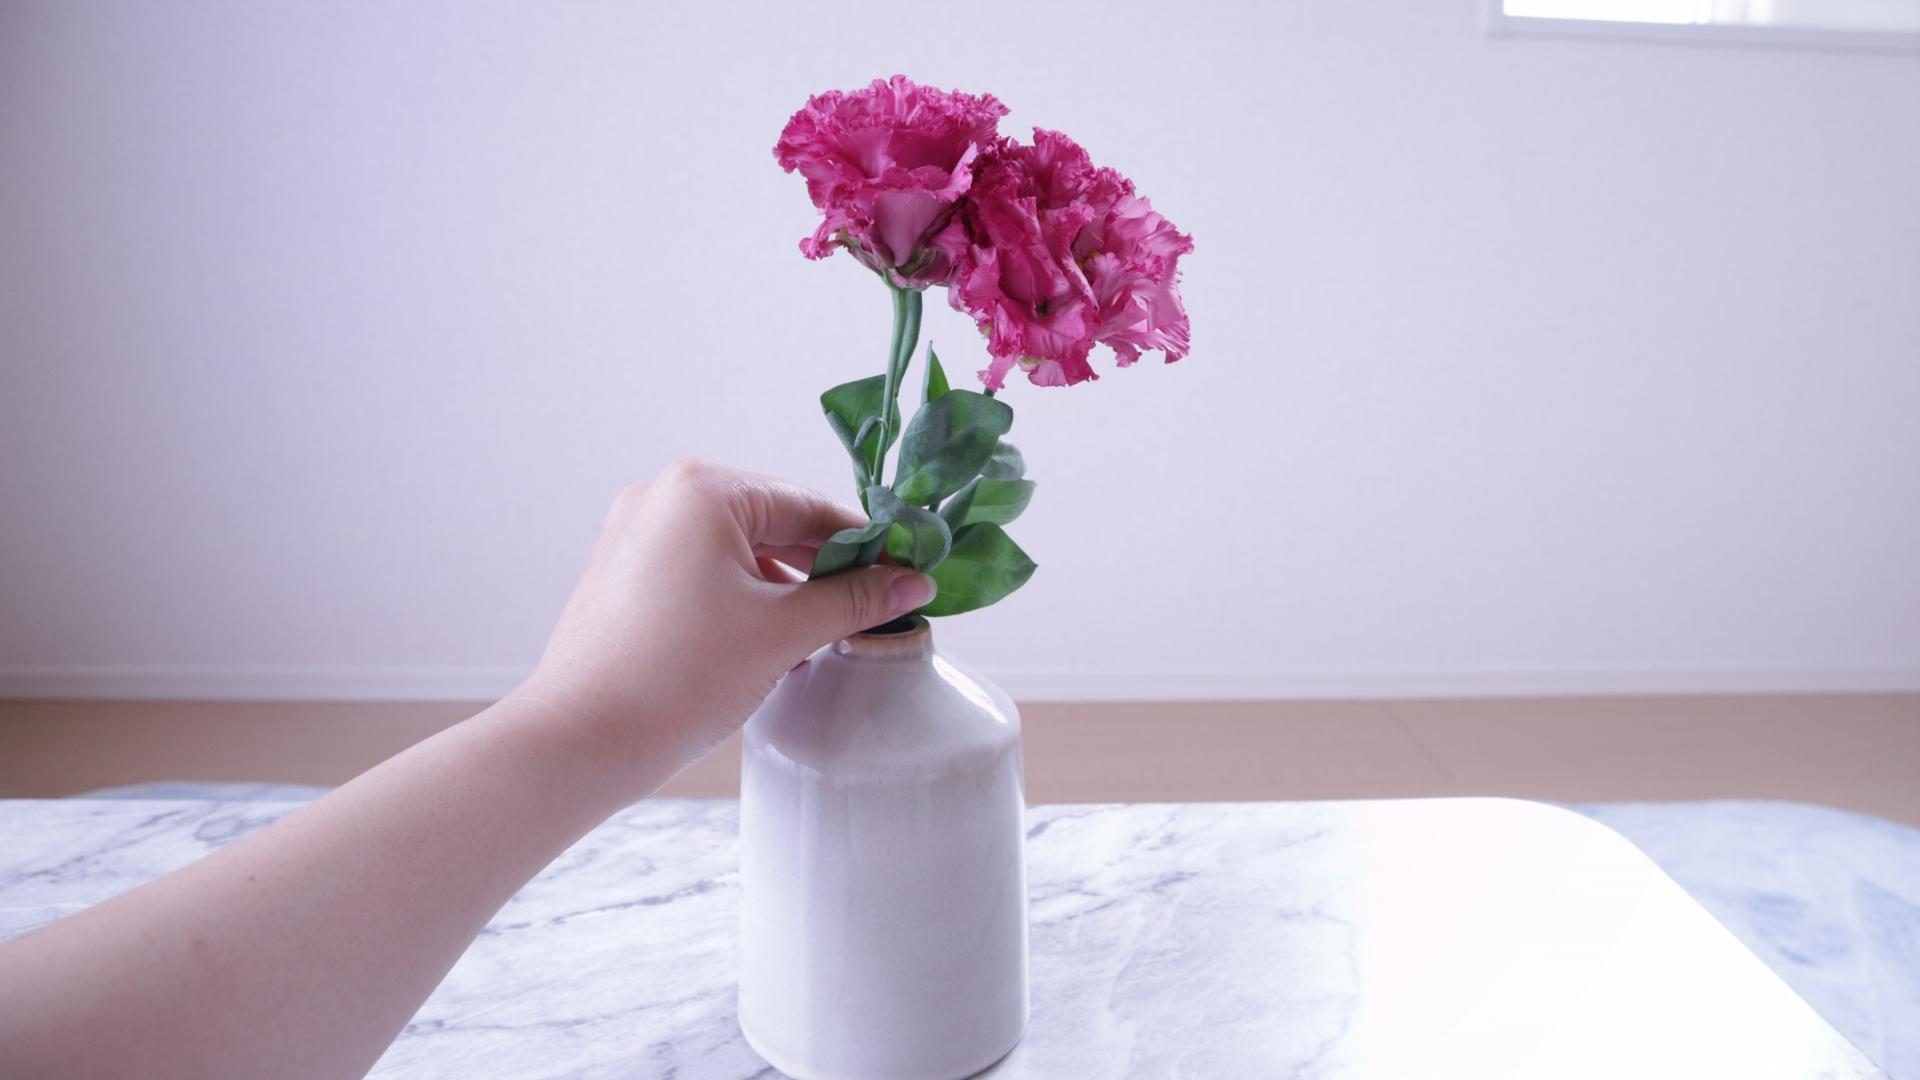 花瓶にお花を入れている写真